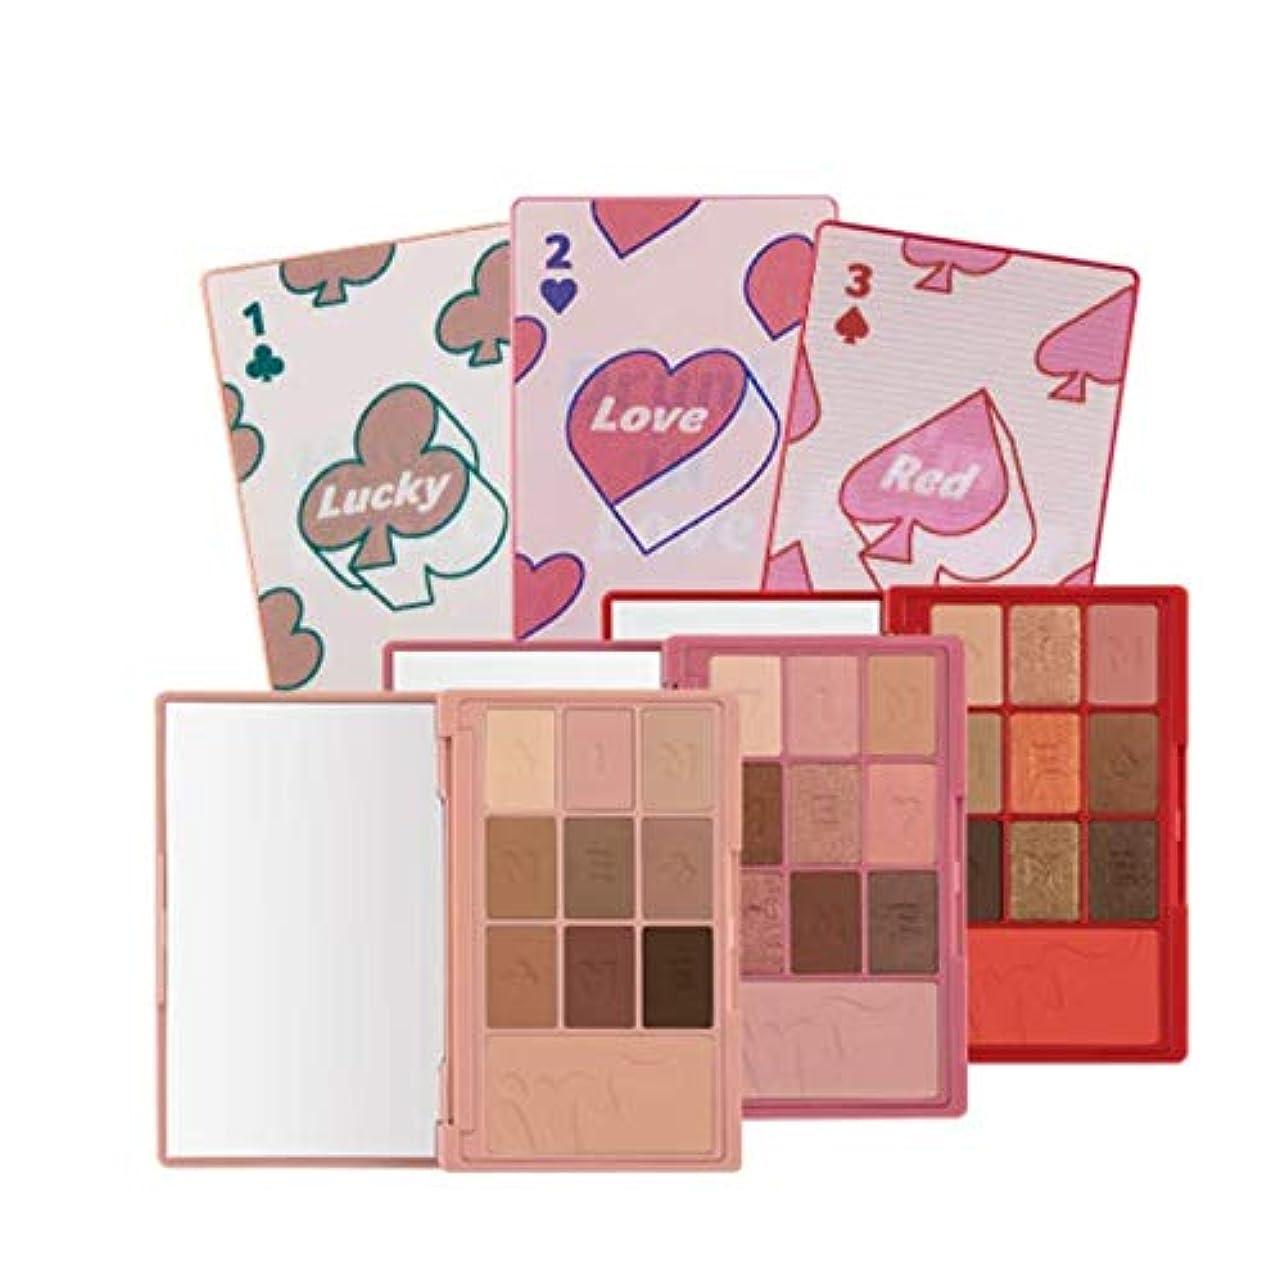 とは異なり進化する早めるアイムミミ アイム ヒドゥン カード パレット 8g I'M MEME I'M Hidden Card Palette (2. Love Card) [並行輸入品]